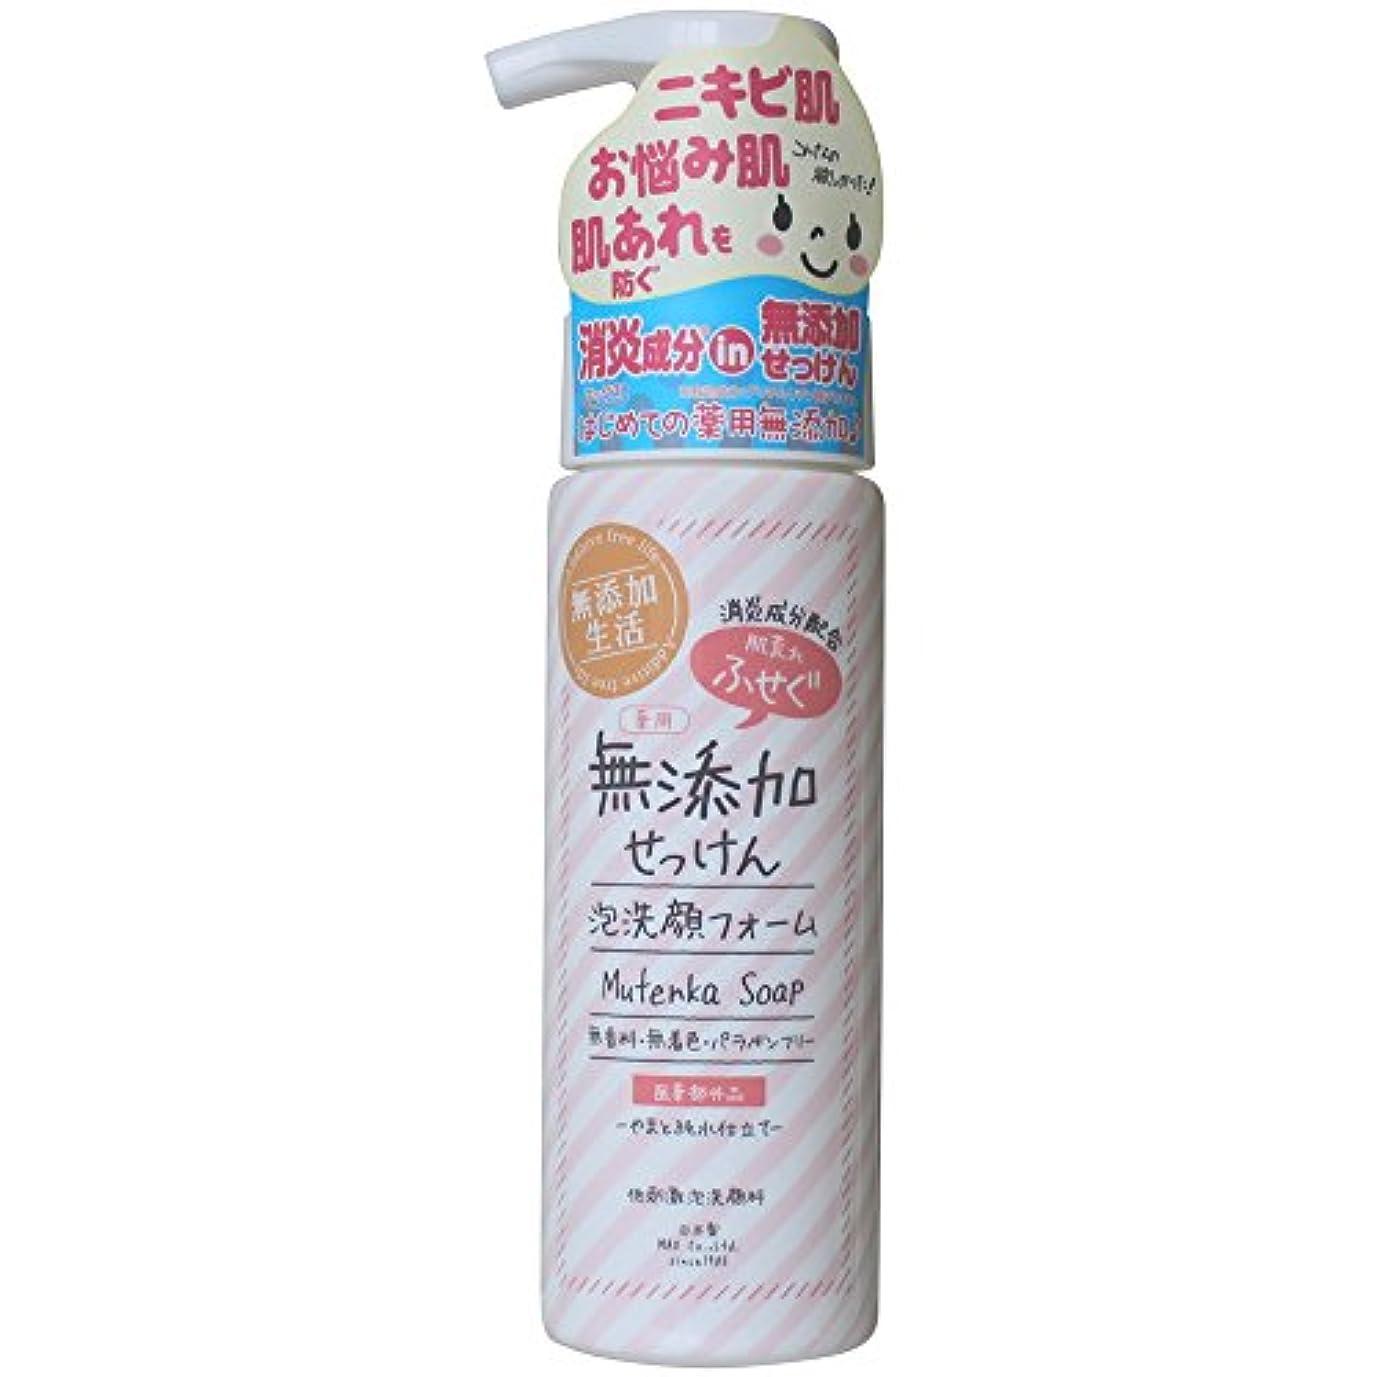 孤独な説教記念品肌荒れ防ぐ薬用無添加 洗顔フォーム 200mL